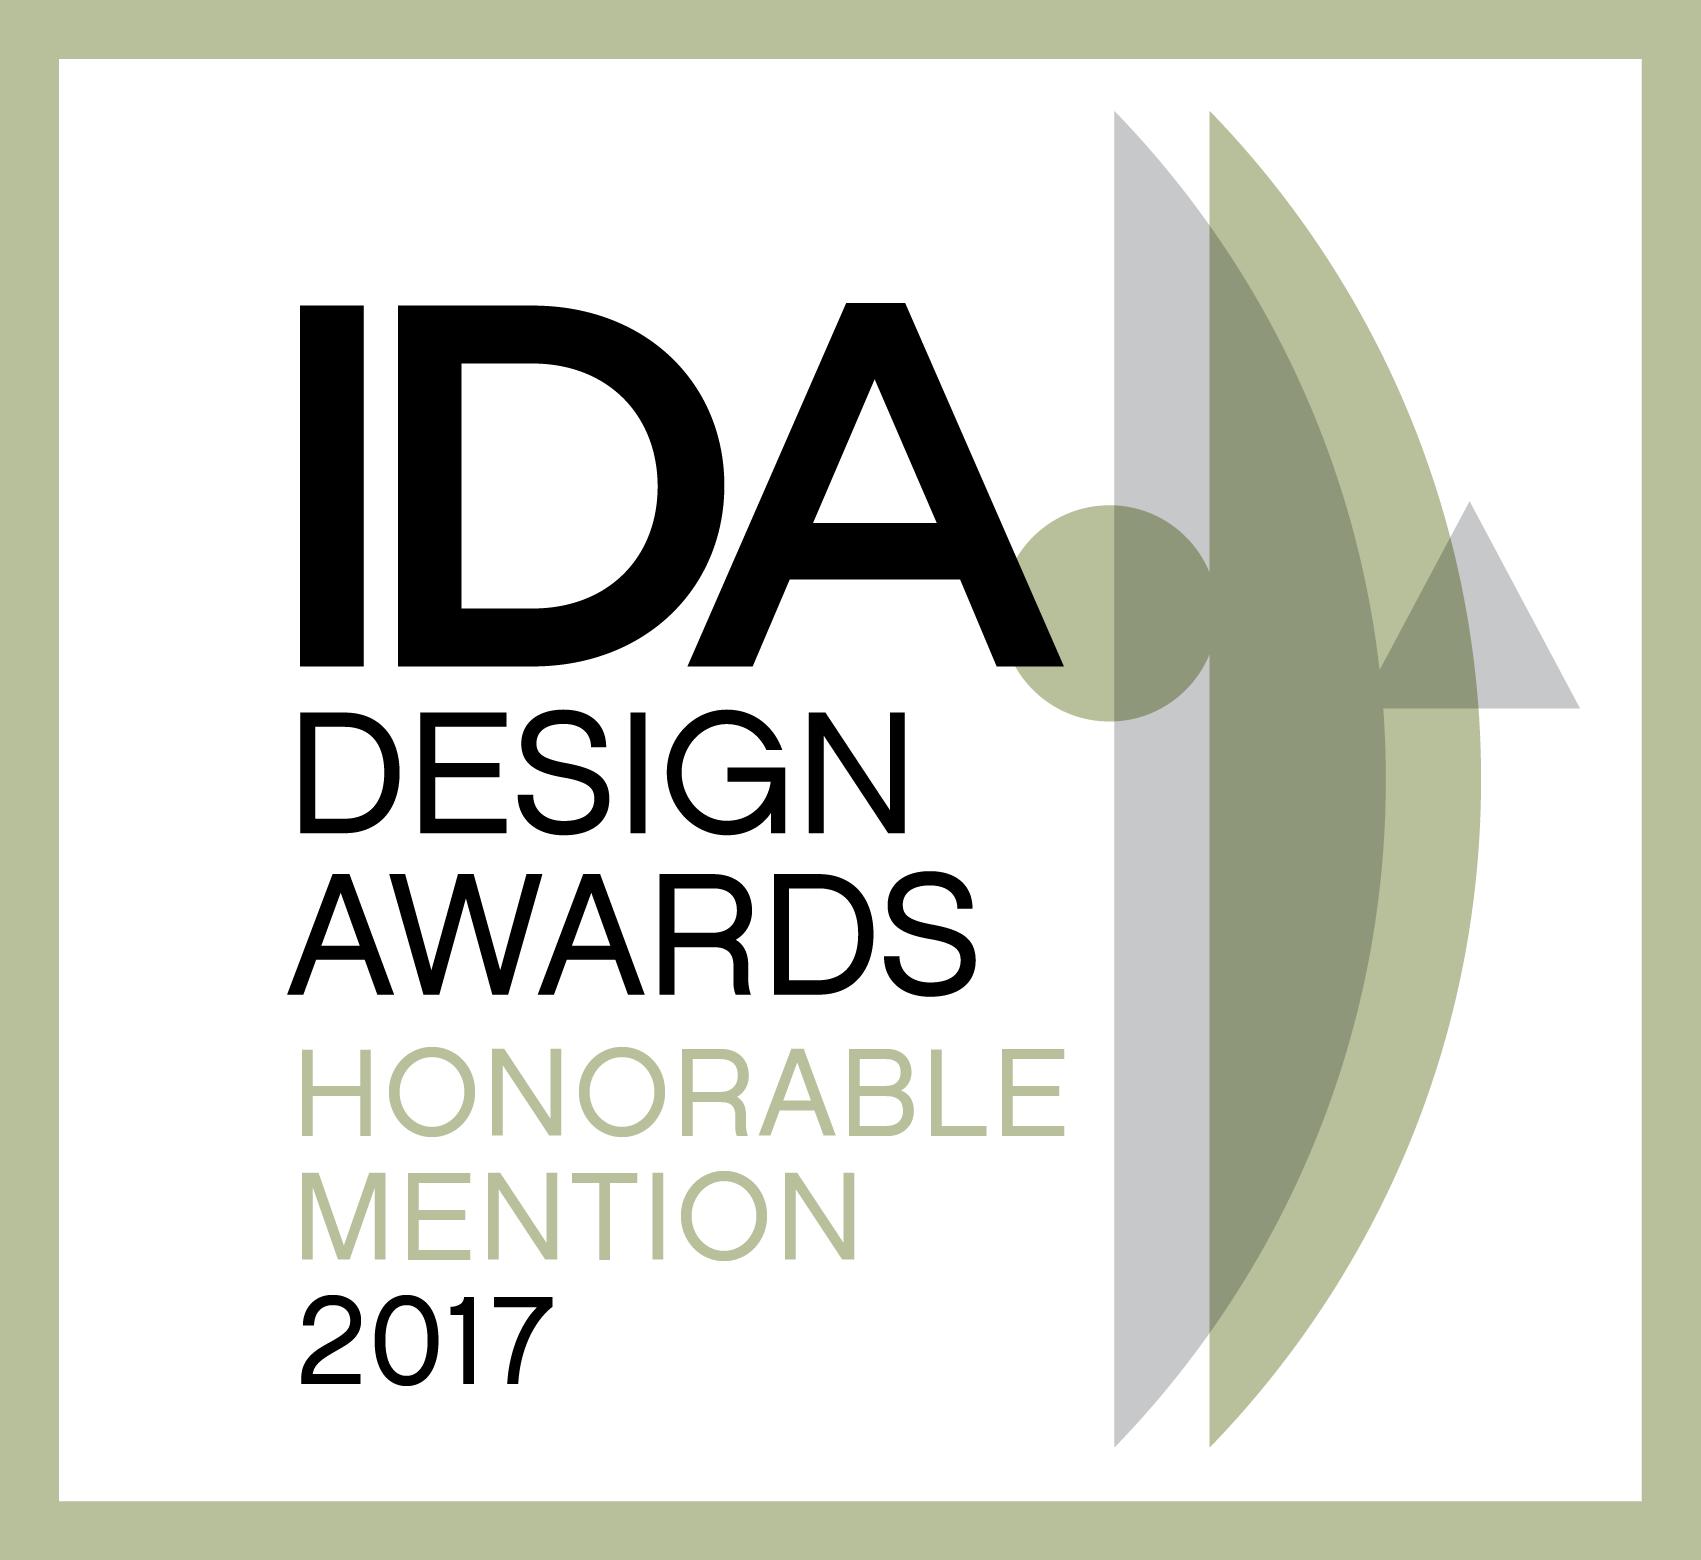 IDA Design Award - 2017